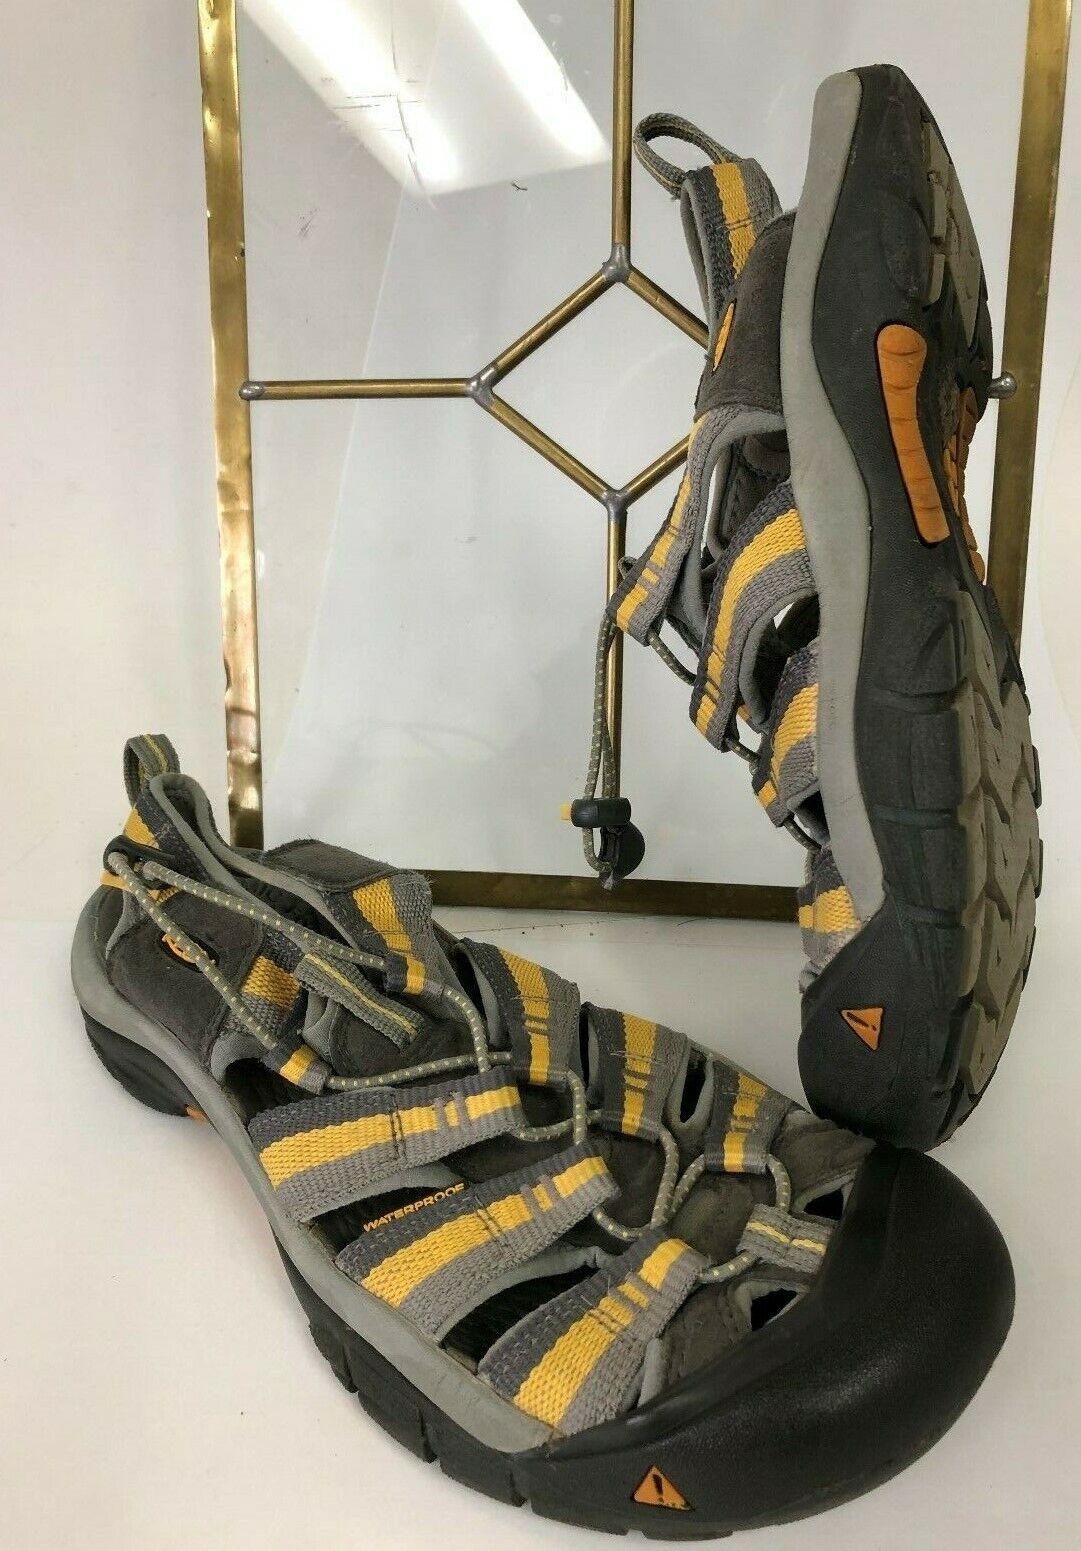 Keen Newport H2 Waterproof Comort Sandal femmes vert or chaussures EU 42.5 US 9.5